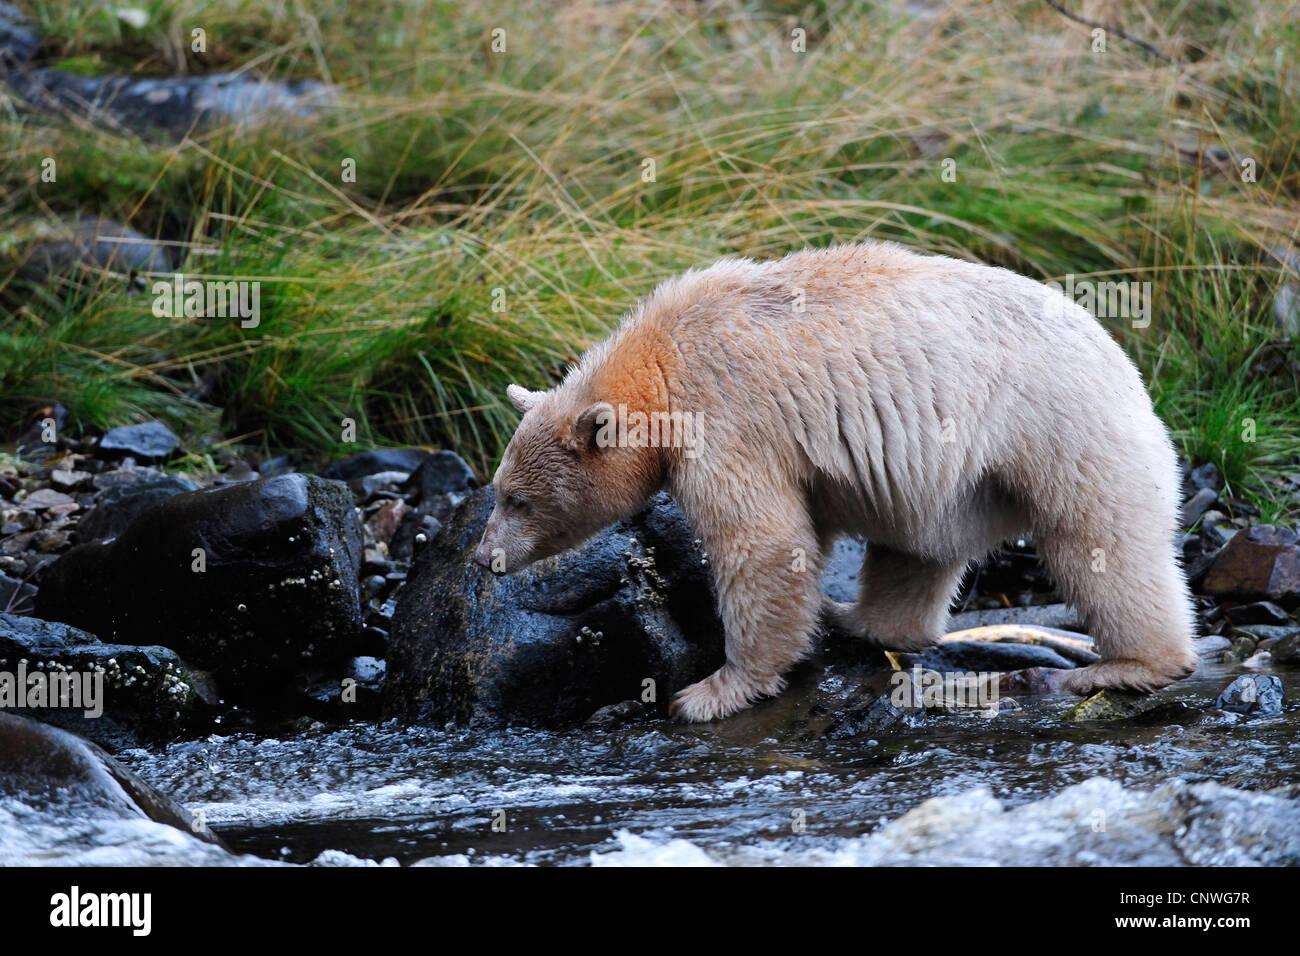 Baby kermode bear